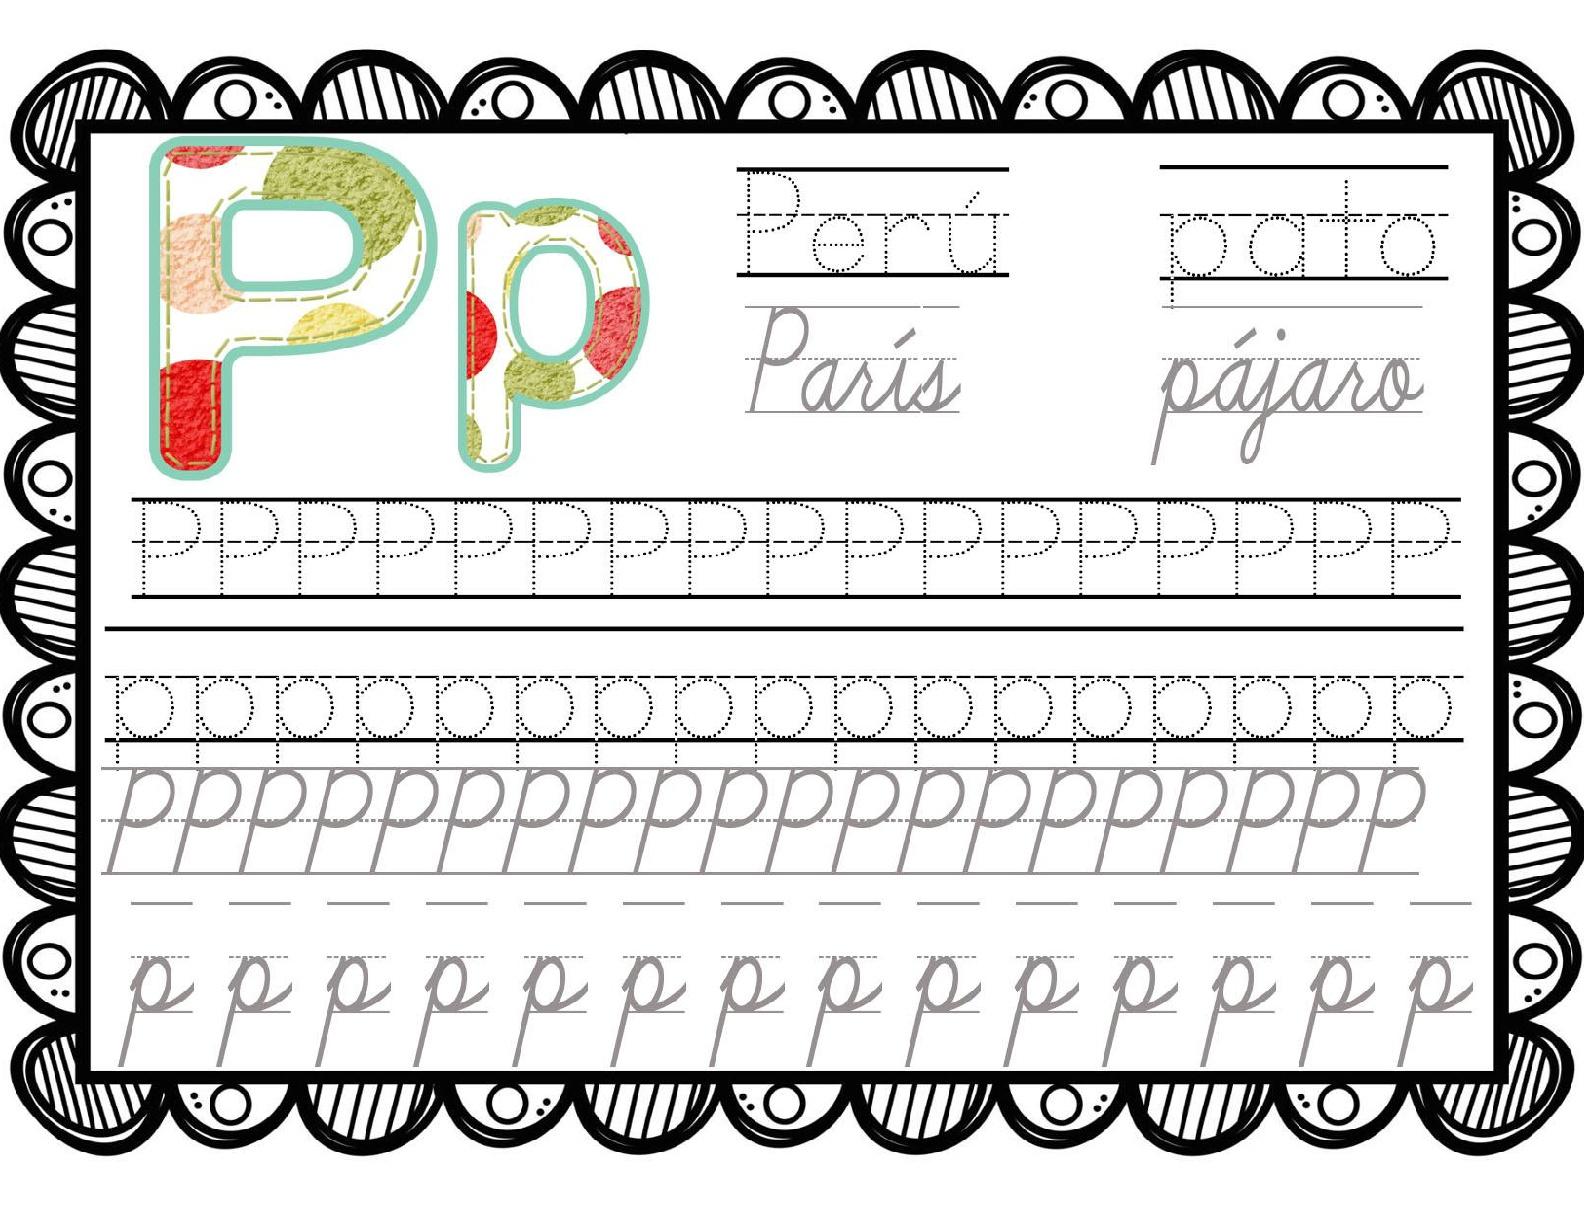 librito-practico-para-el-comienzo-de-la-escritura-en-infantil-o-preescolar-32